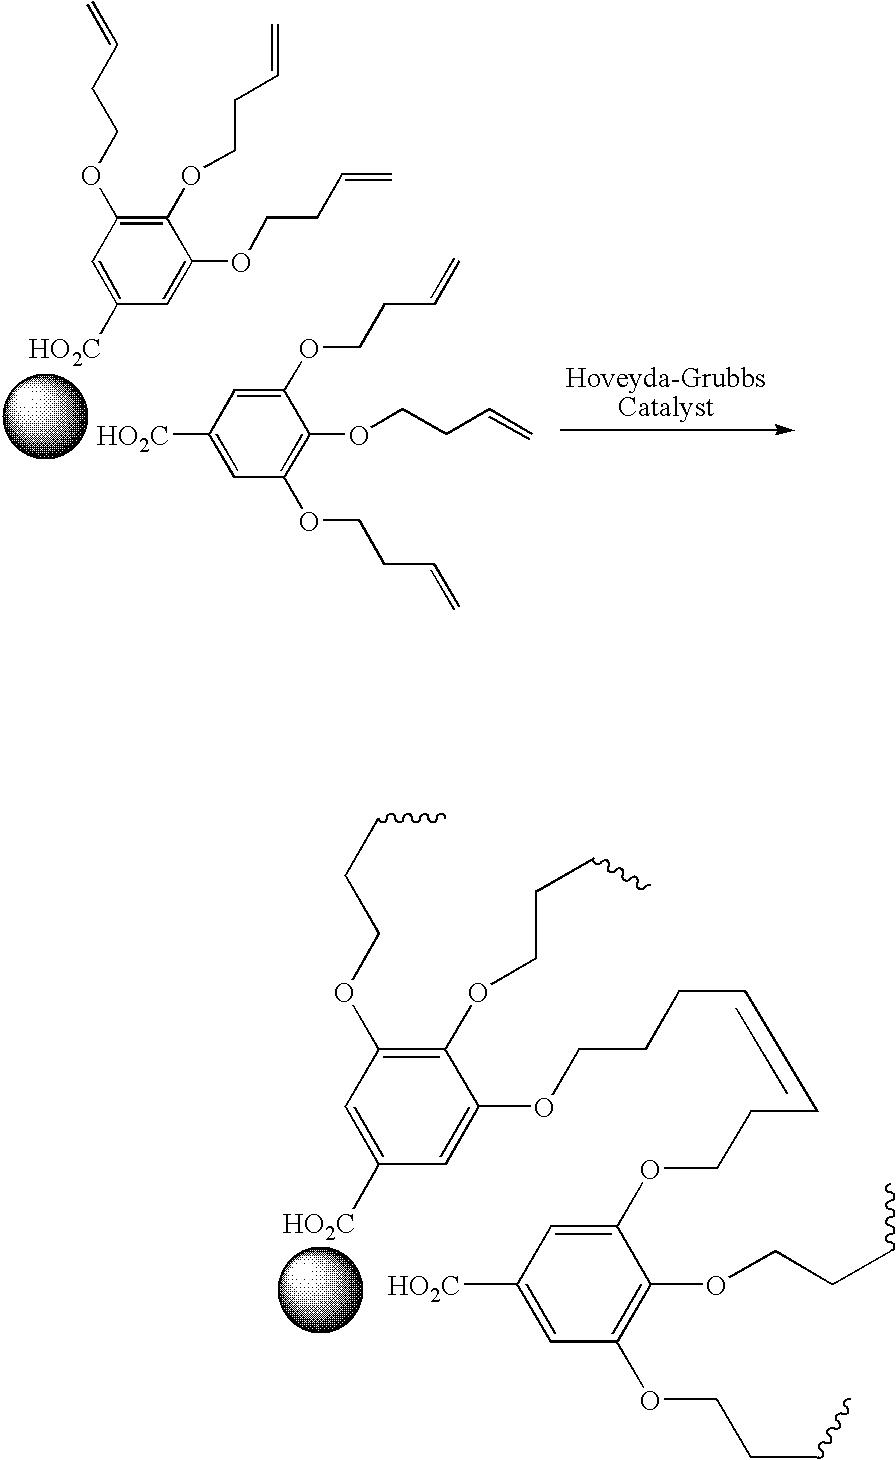 Figure US20100068522A1-20100318-C00011